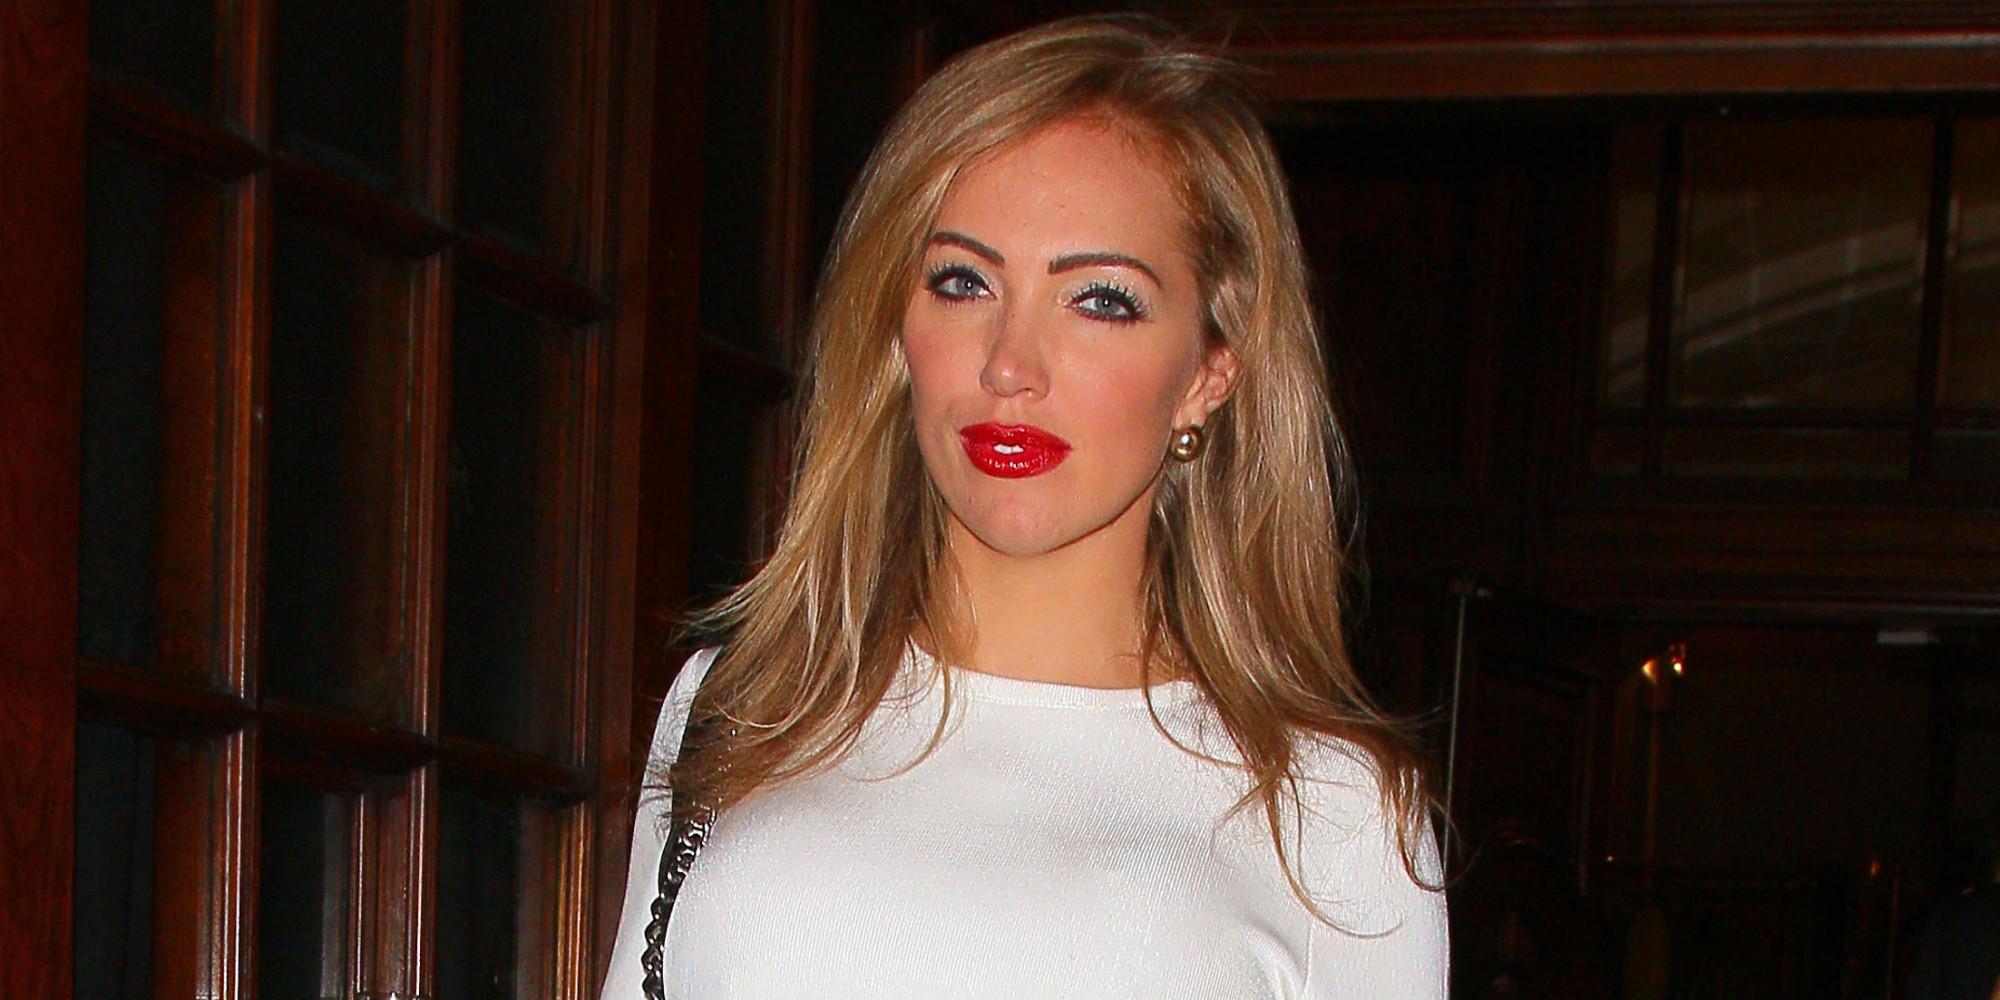 London Celebrity Sightings - September 22, 2014